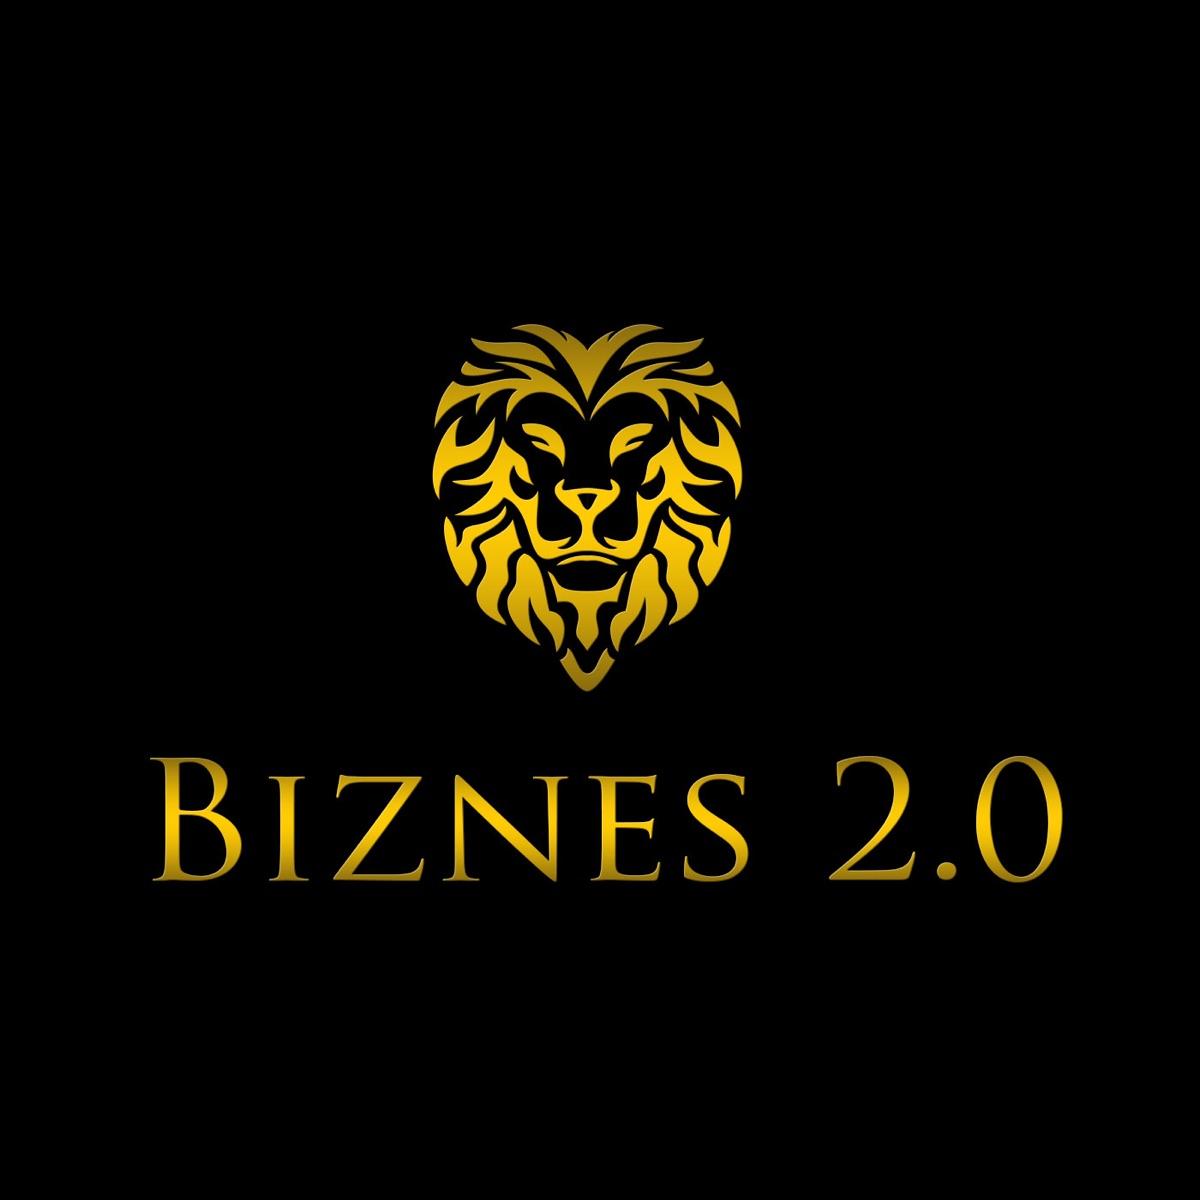 Biznes 2.0 - Maciej Wieczorek